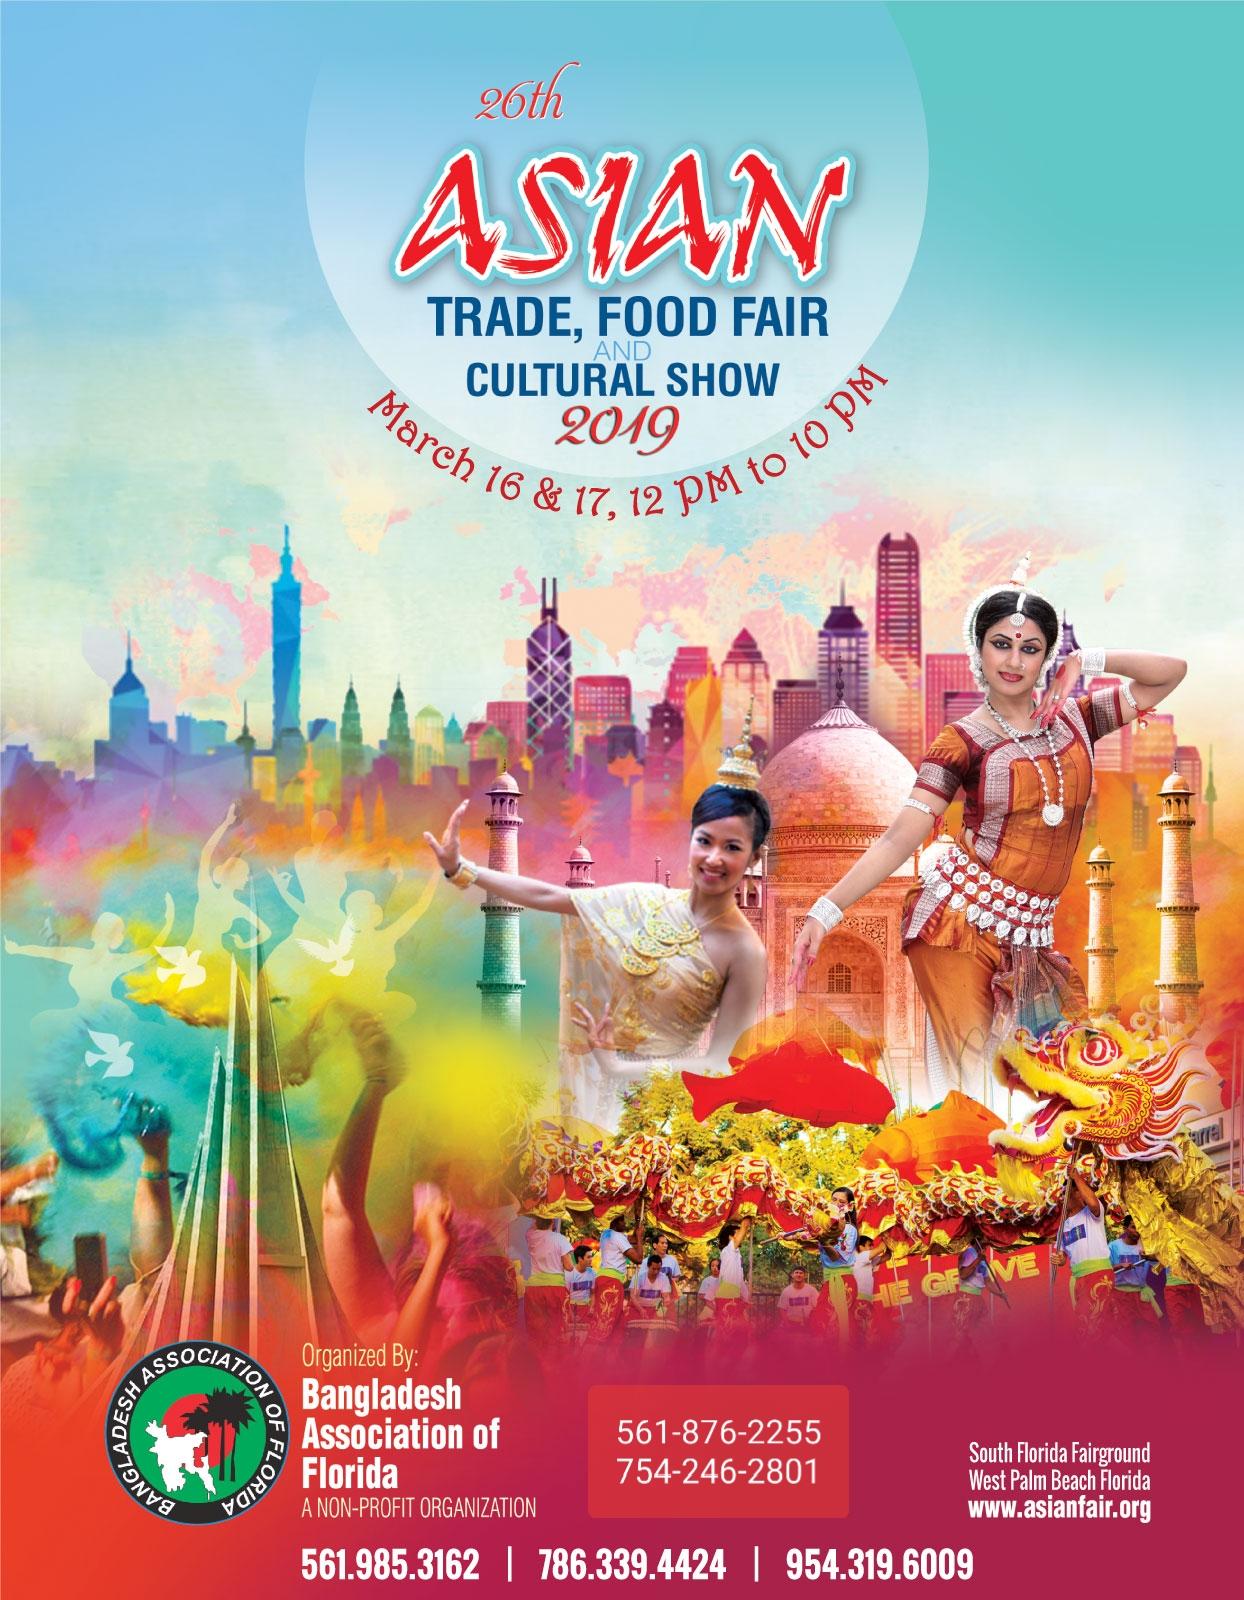 26th ASIAN TRADE,FOOD FAIR & CULTURAL SHOW 2019